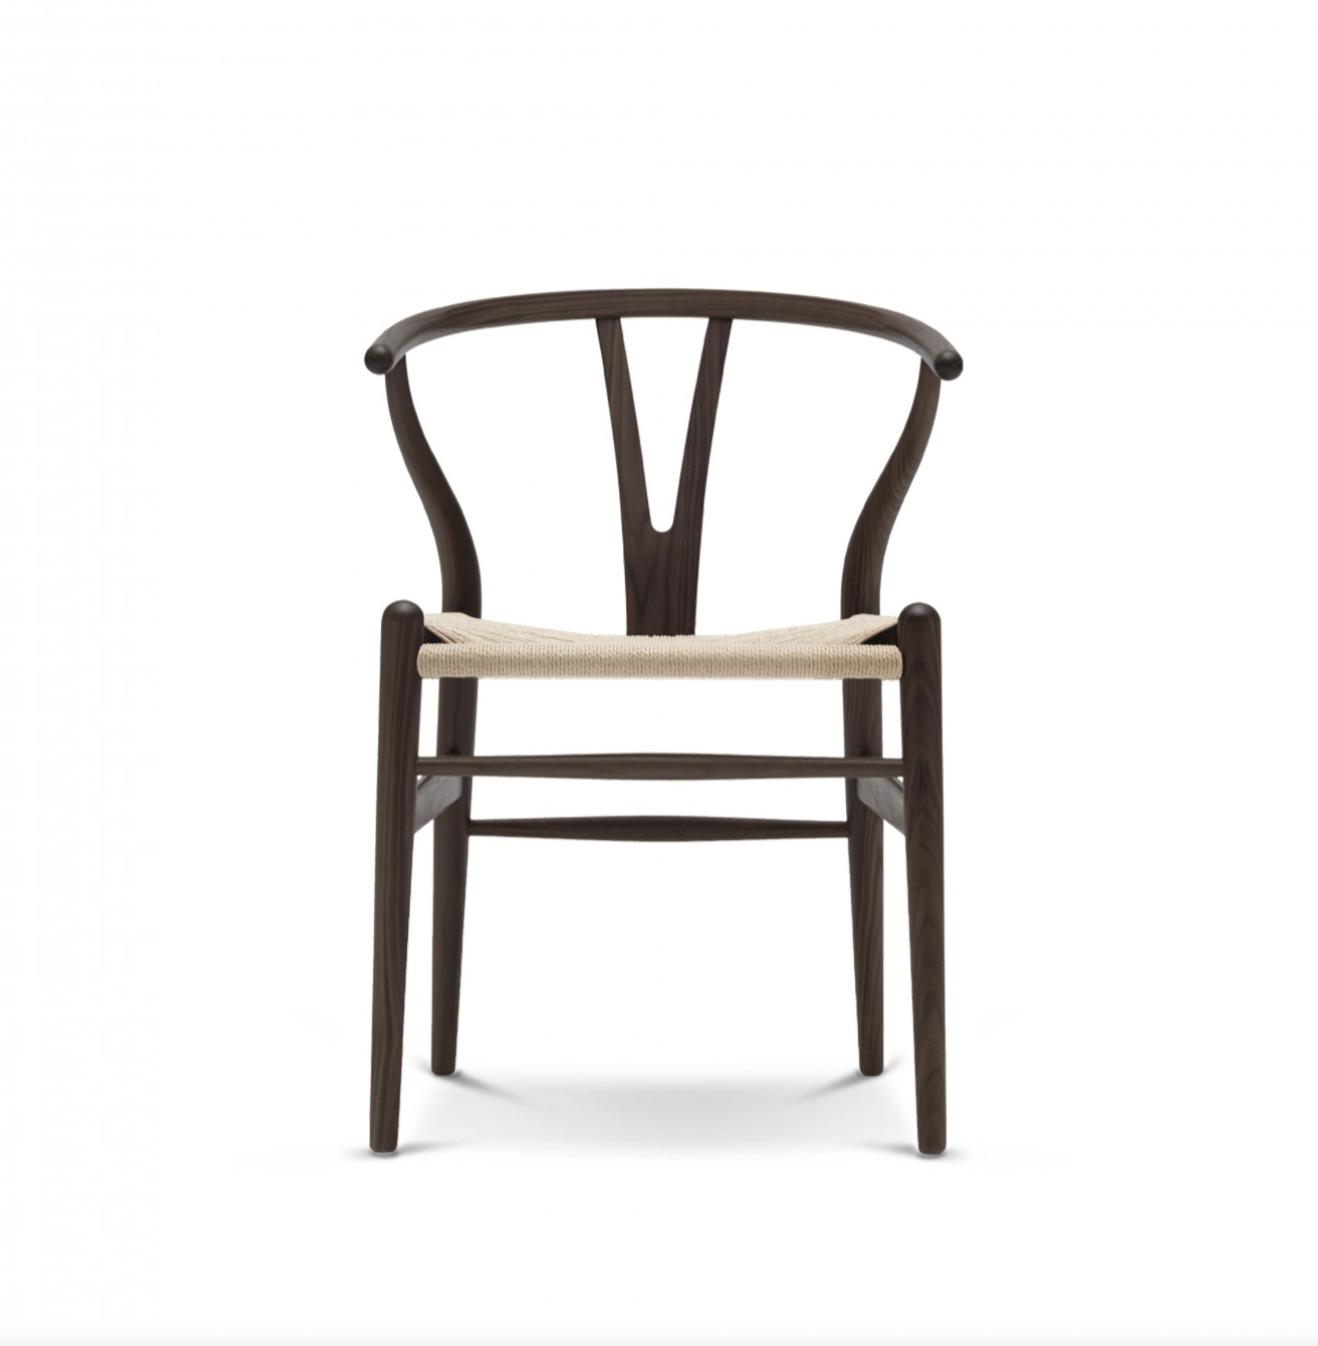 Carl Hansen CH 24 wishbone chair stoel bij design meubelwinkel Loncin in Hasselt, Leuven en Zoutleeuw Sint-Truiden.  Niet ver van Mechelen, Wavre Liege Namur  maastricht Brussels Bruxelles Antwerpen.png